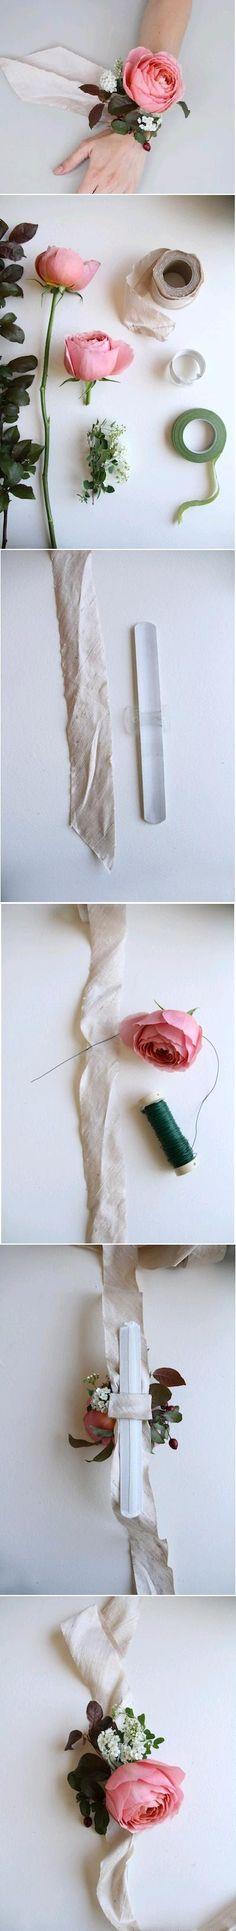 DIY Wedding Wrist Flower